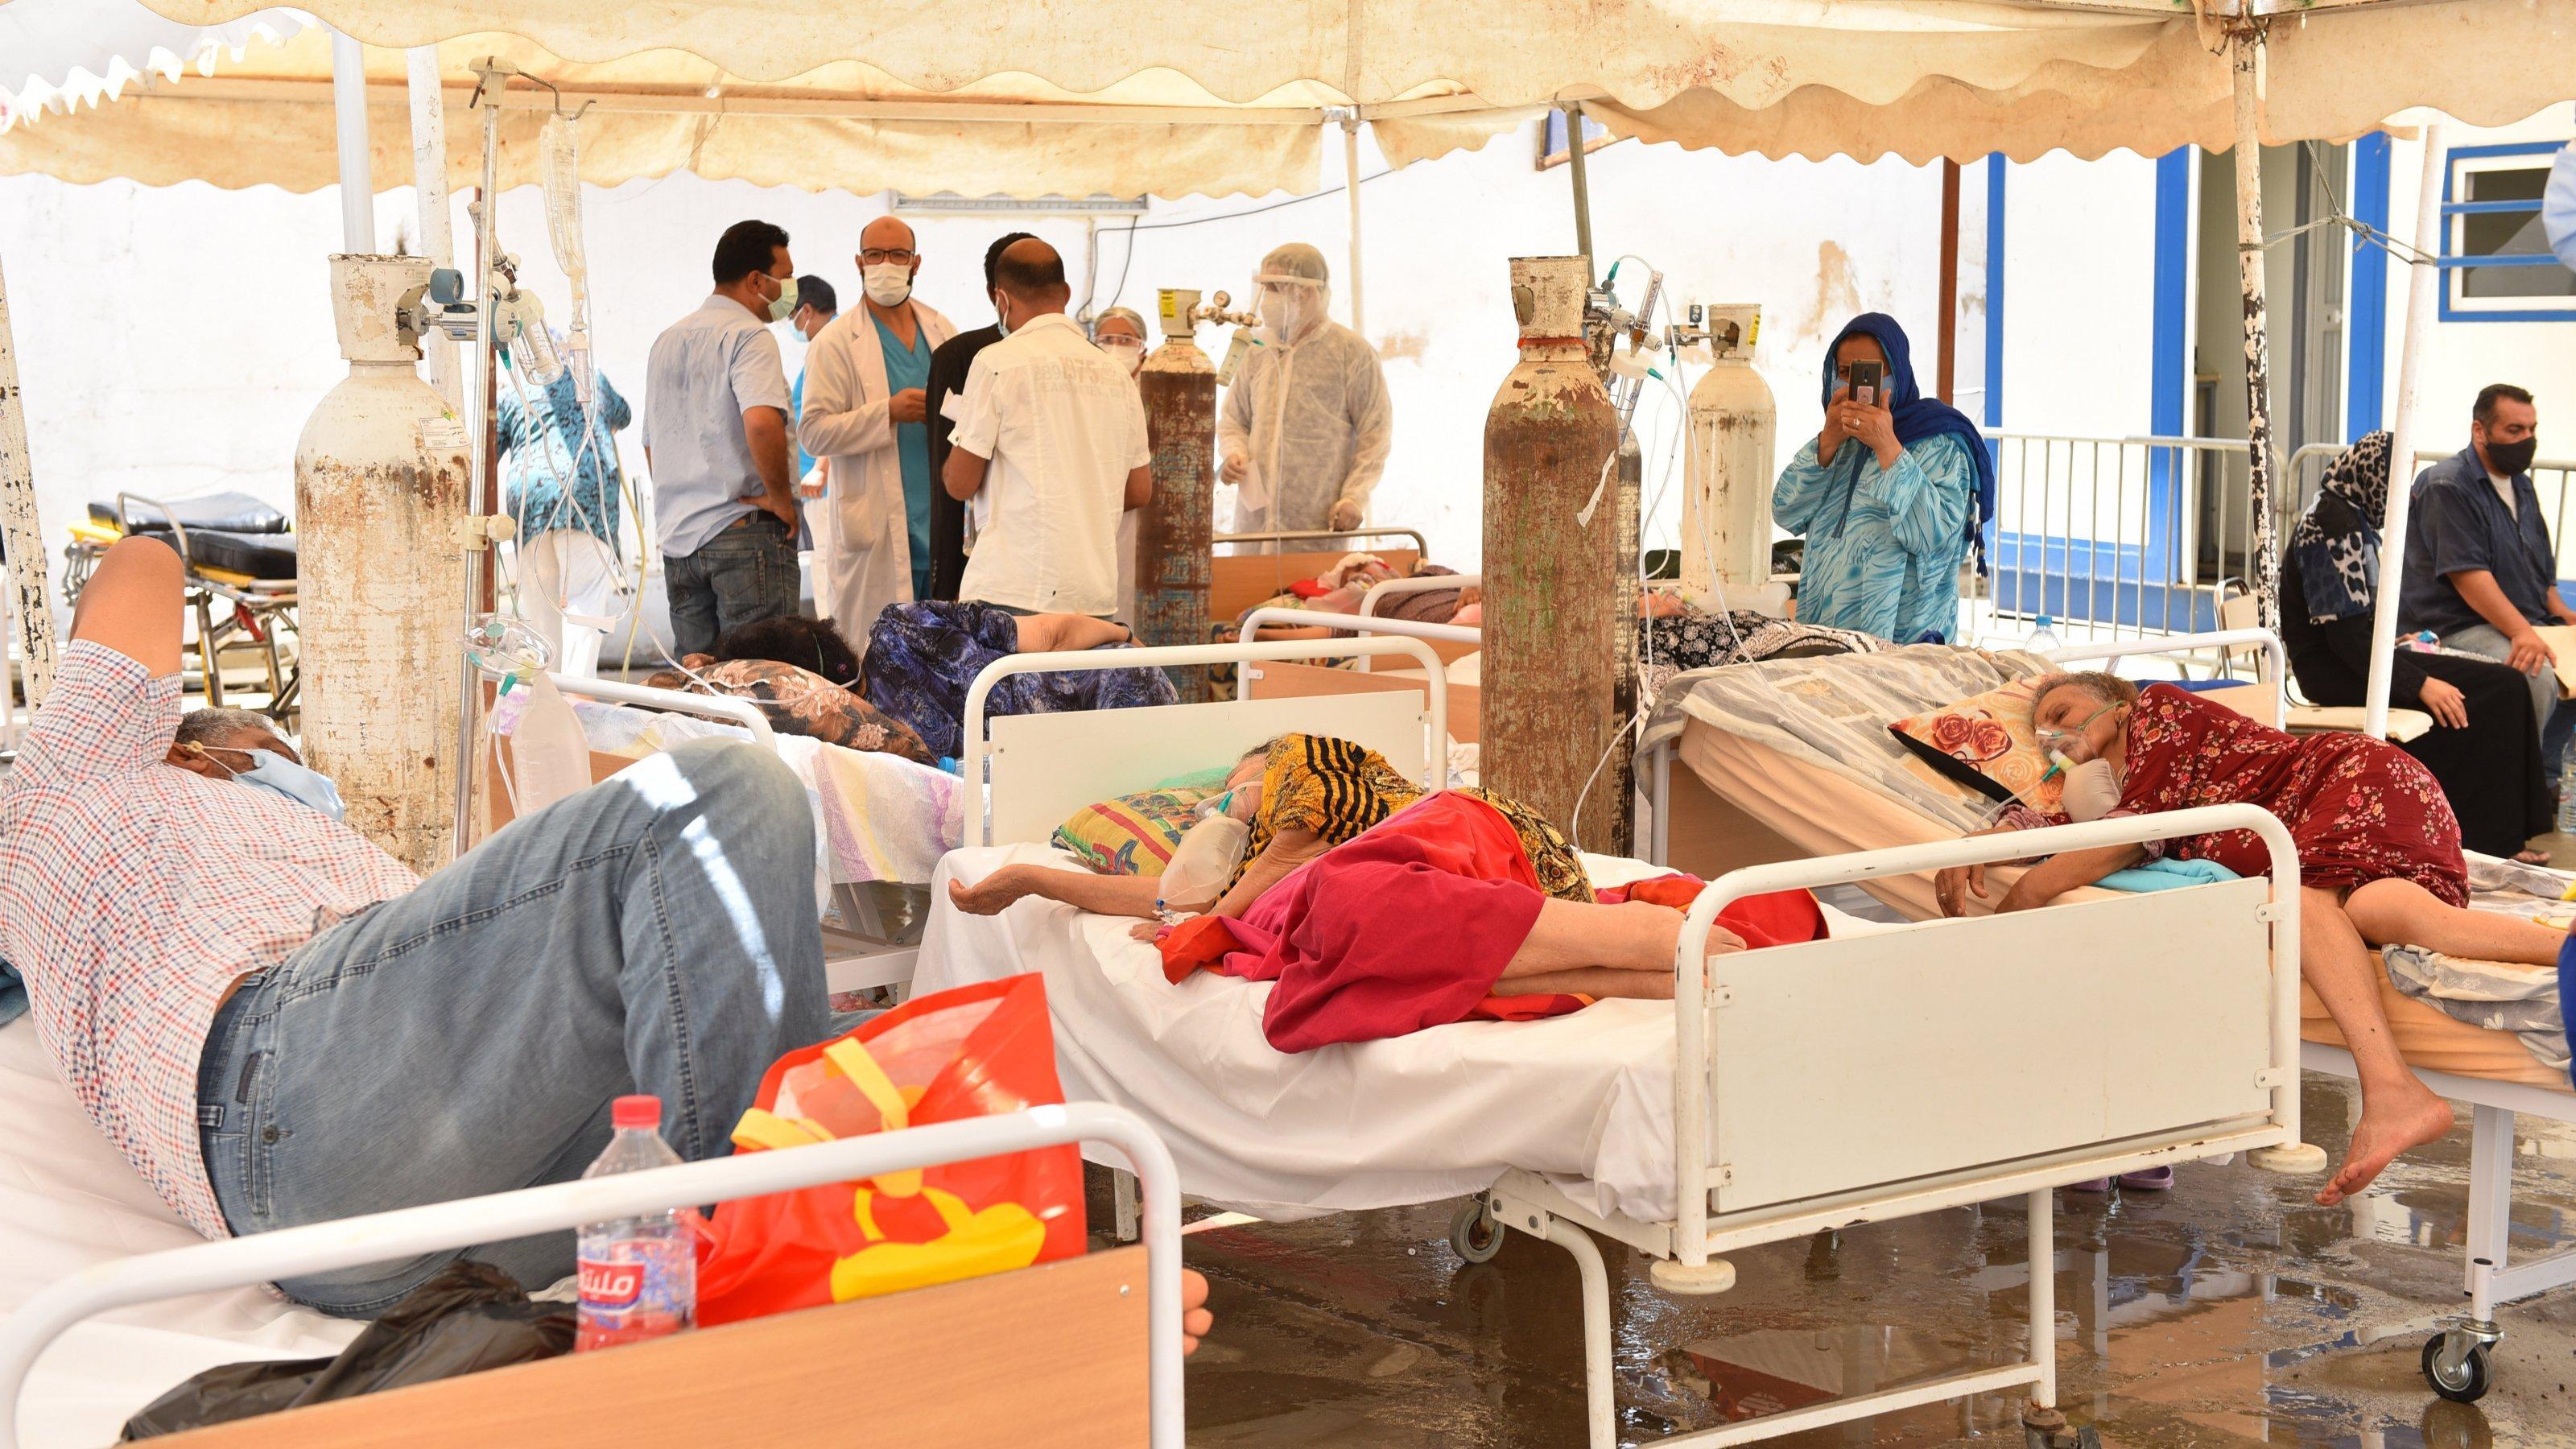 Erkrankte liegen an Sauerstoffflaschen unter einem improvisierten Zelt. Im Hintergrund diskutiert eine Gruppe von Ärztïnnen und Pflegekräften.